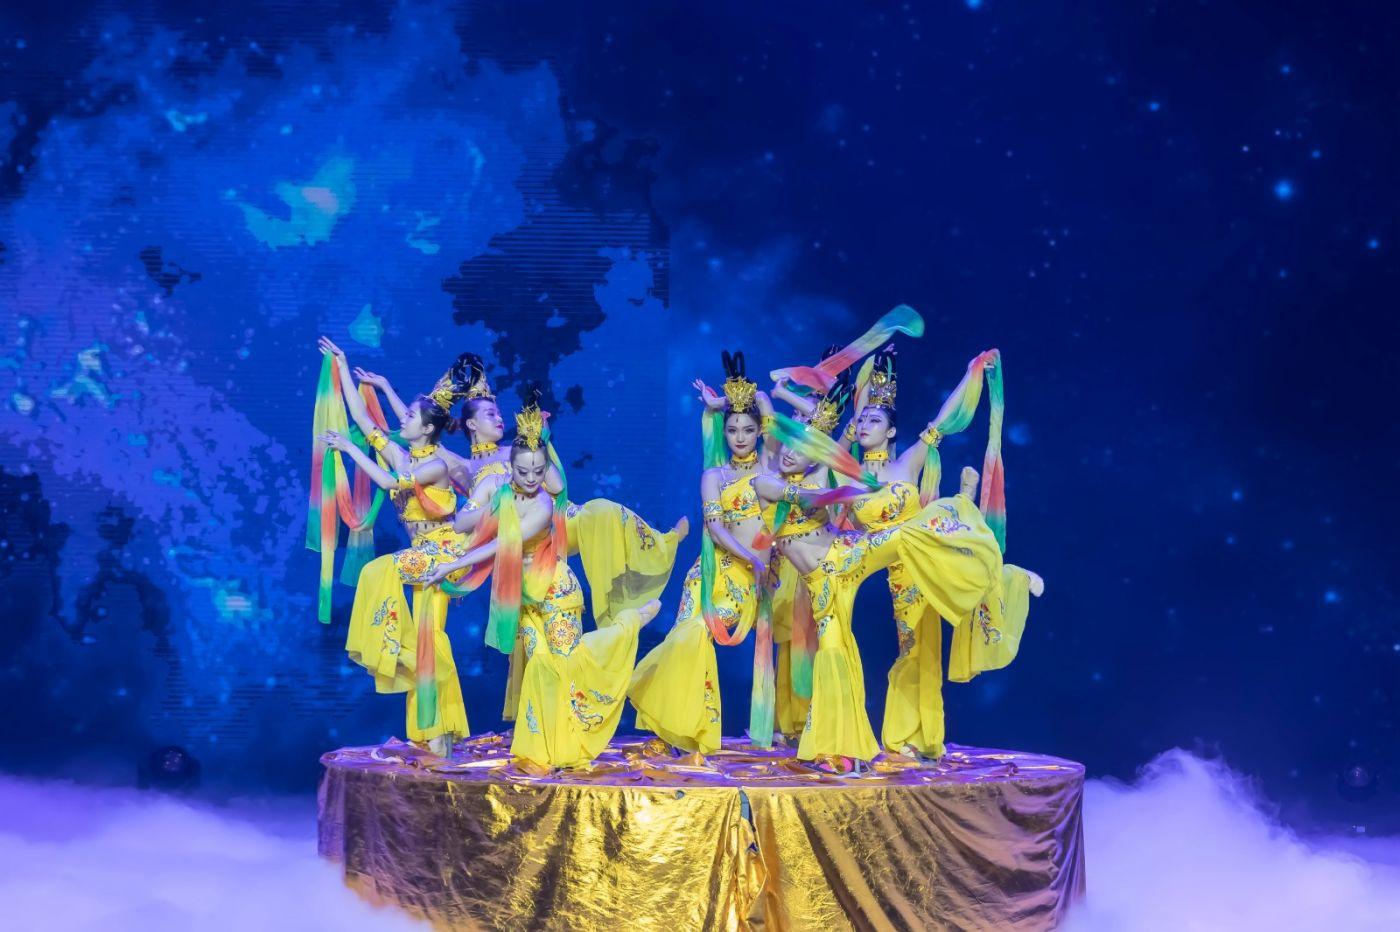 沂蒙大地上 有一种舞蹈叫飞天 这是几位临沂女孩的杰作 美轮美奂 ..._图1-7